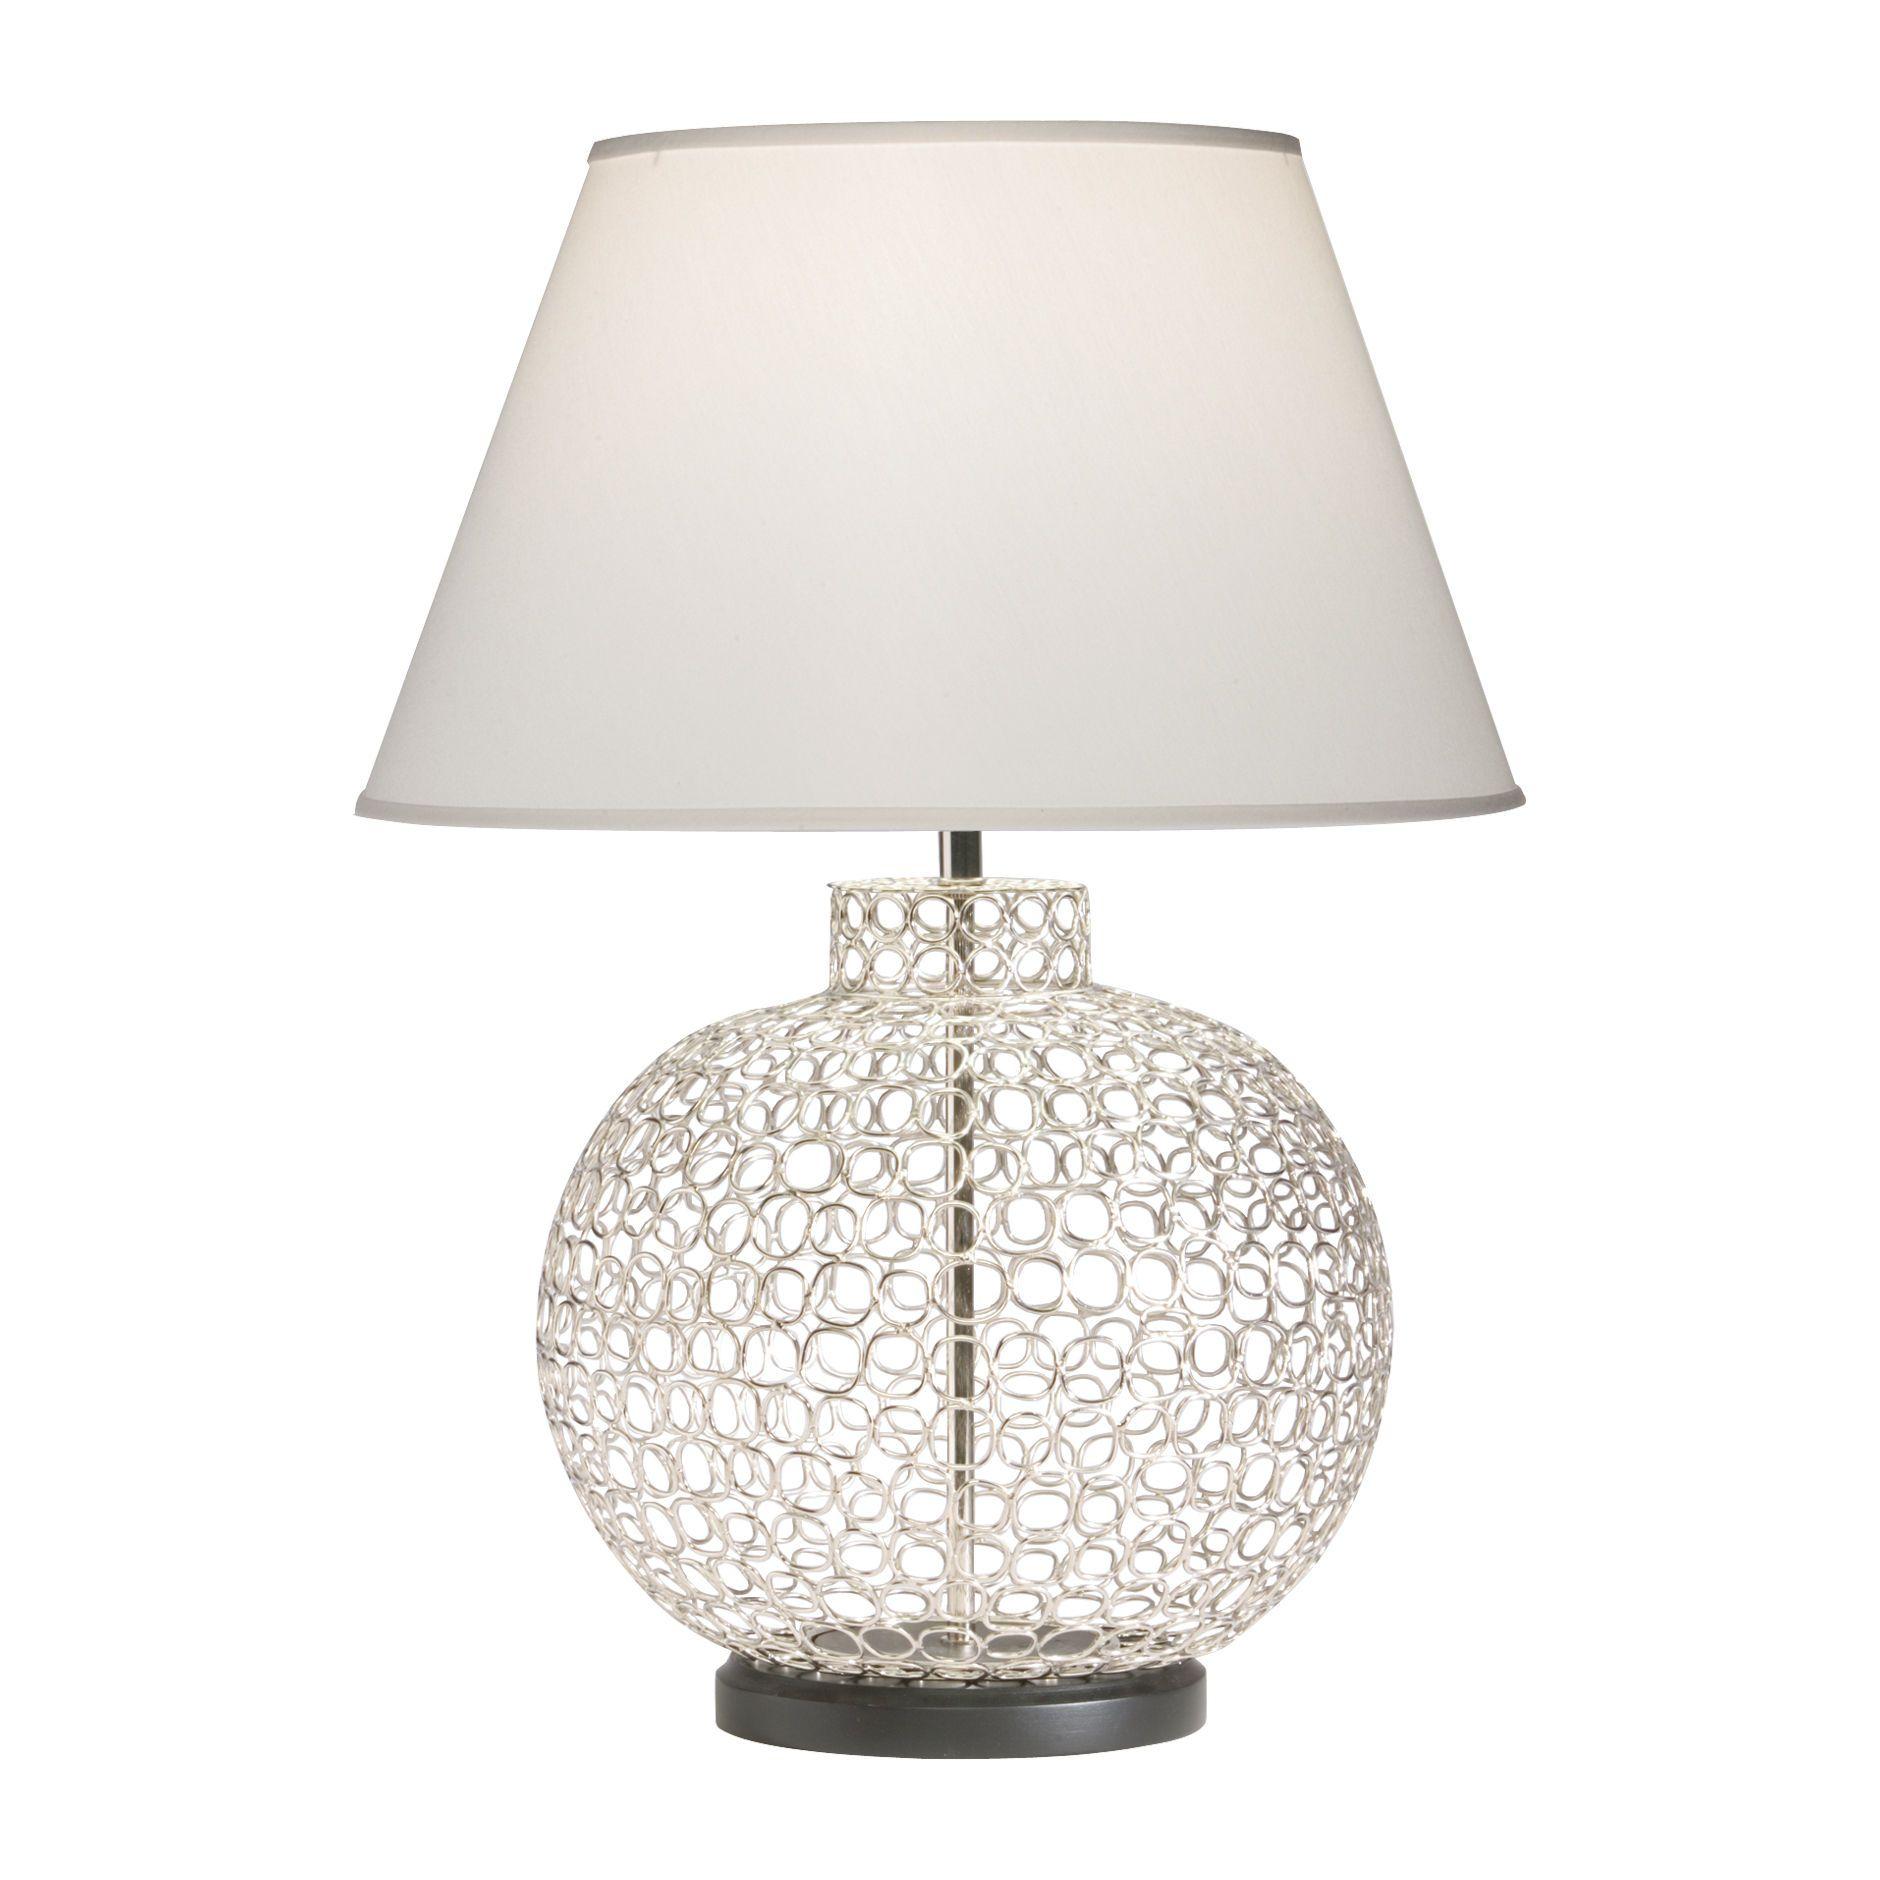 Openweave Nickel Table Lamp - Ethan Allen US | Floor lamp ...